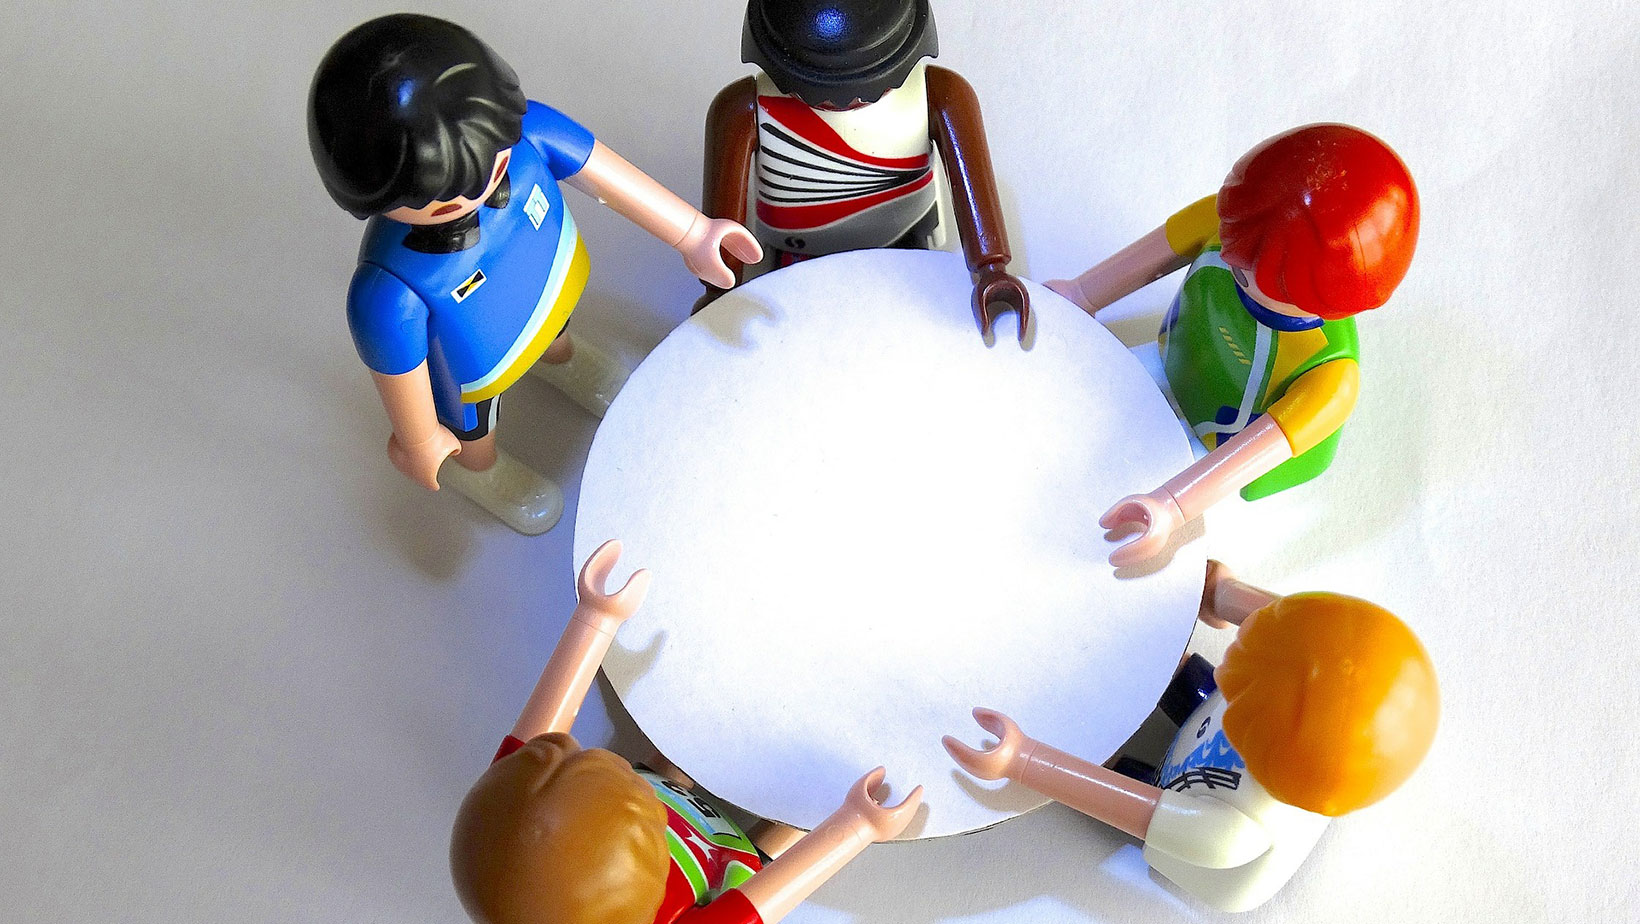 Mehrere Personen aus Playmobil an einem Tisch